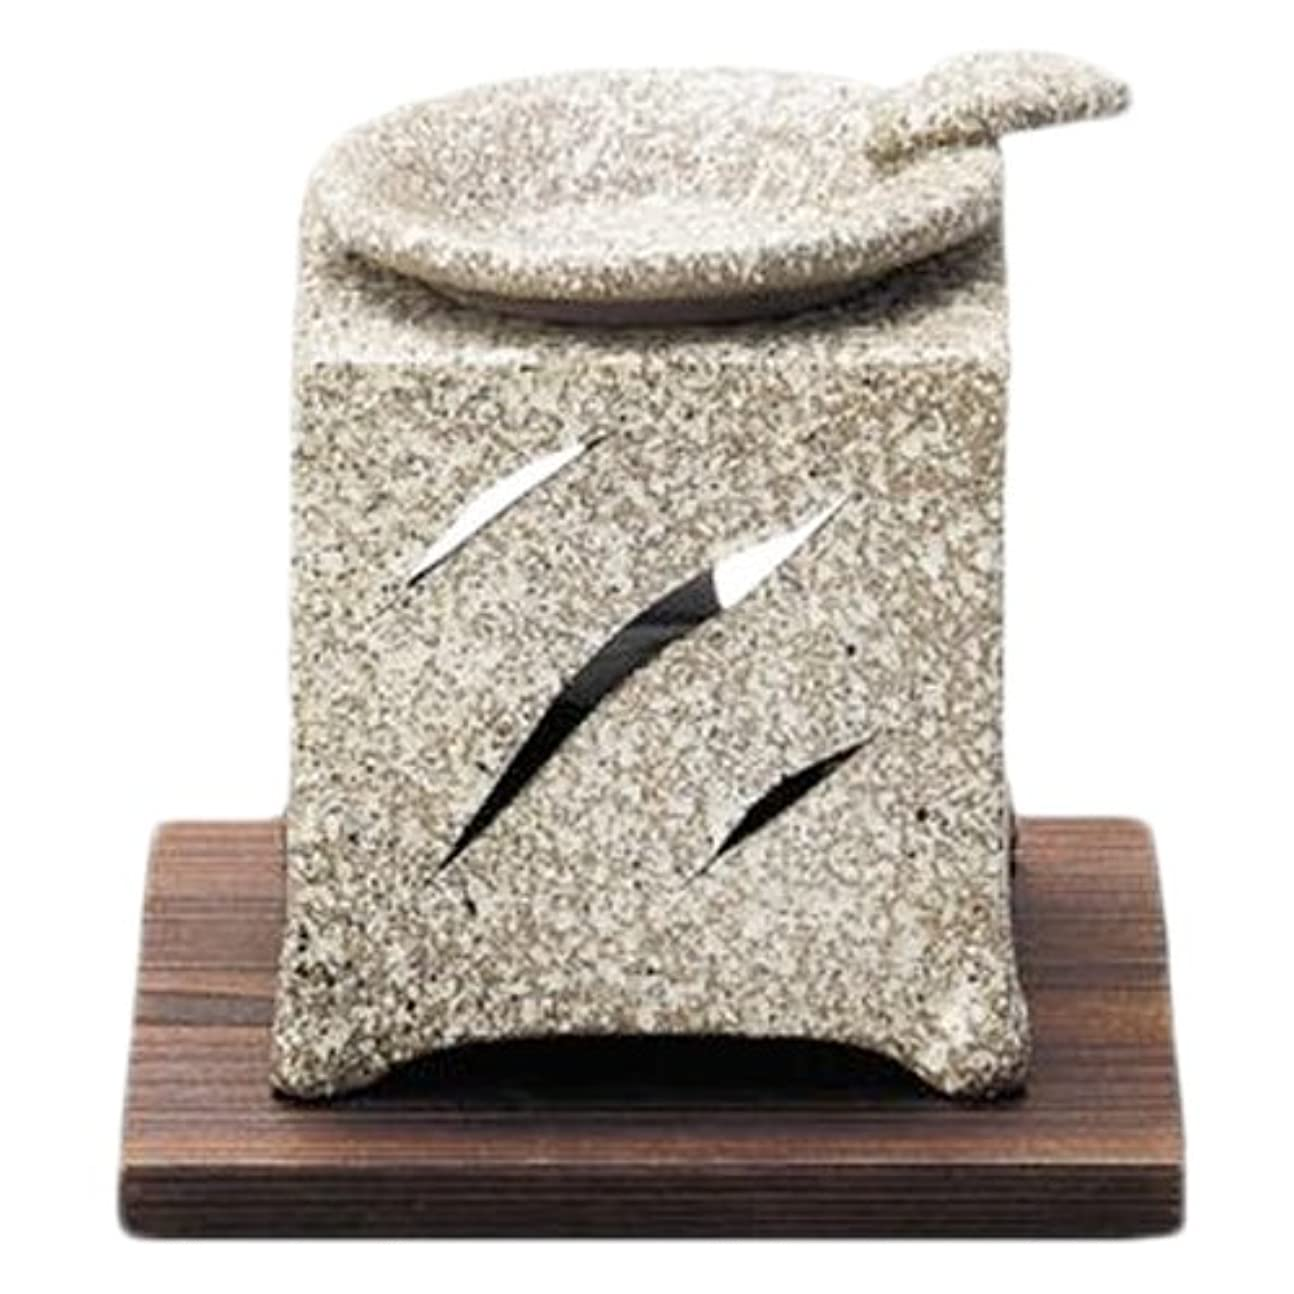 シエスタやる周り常滑焼5-261山房 石風角形茶香炉 AM-T1054